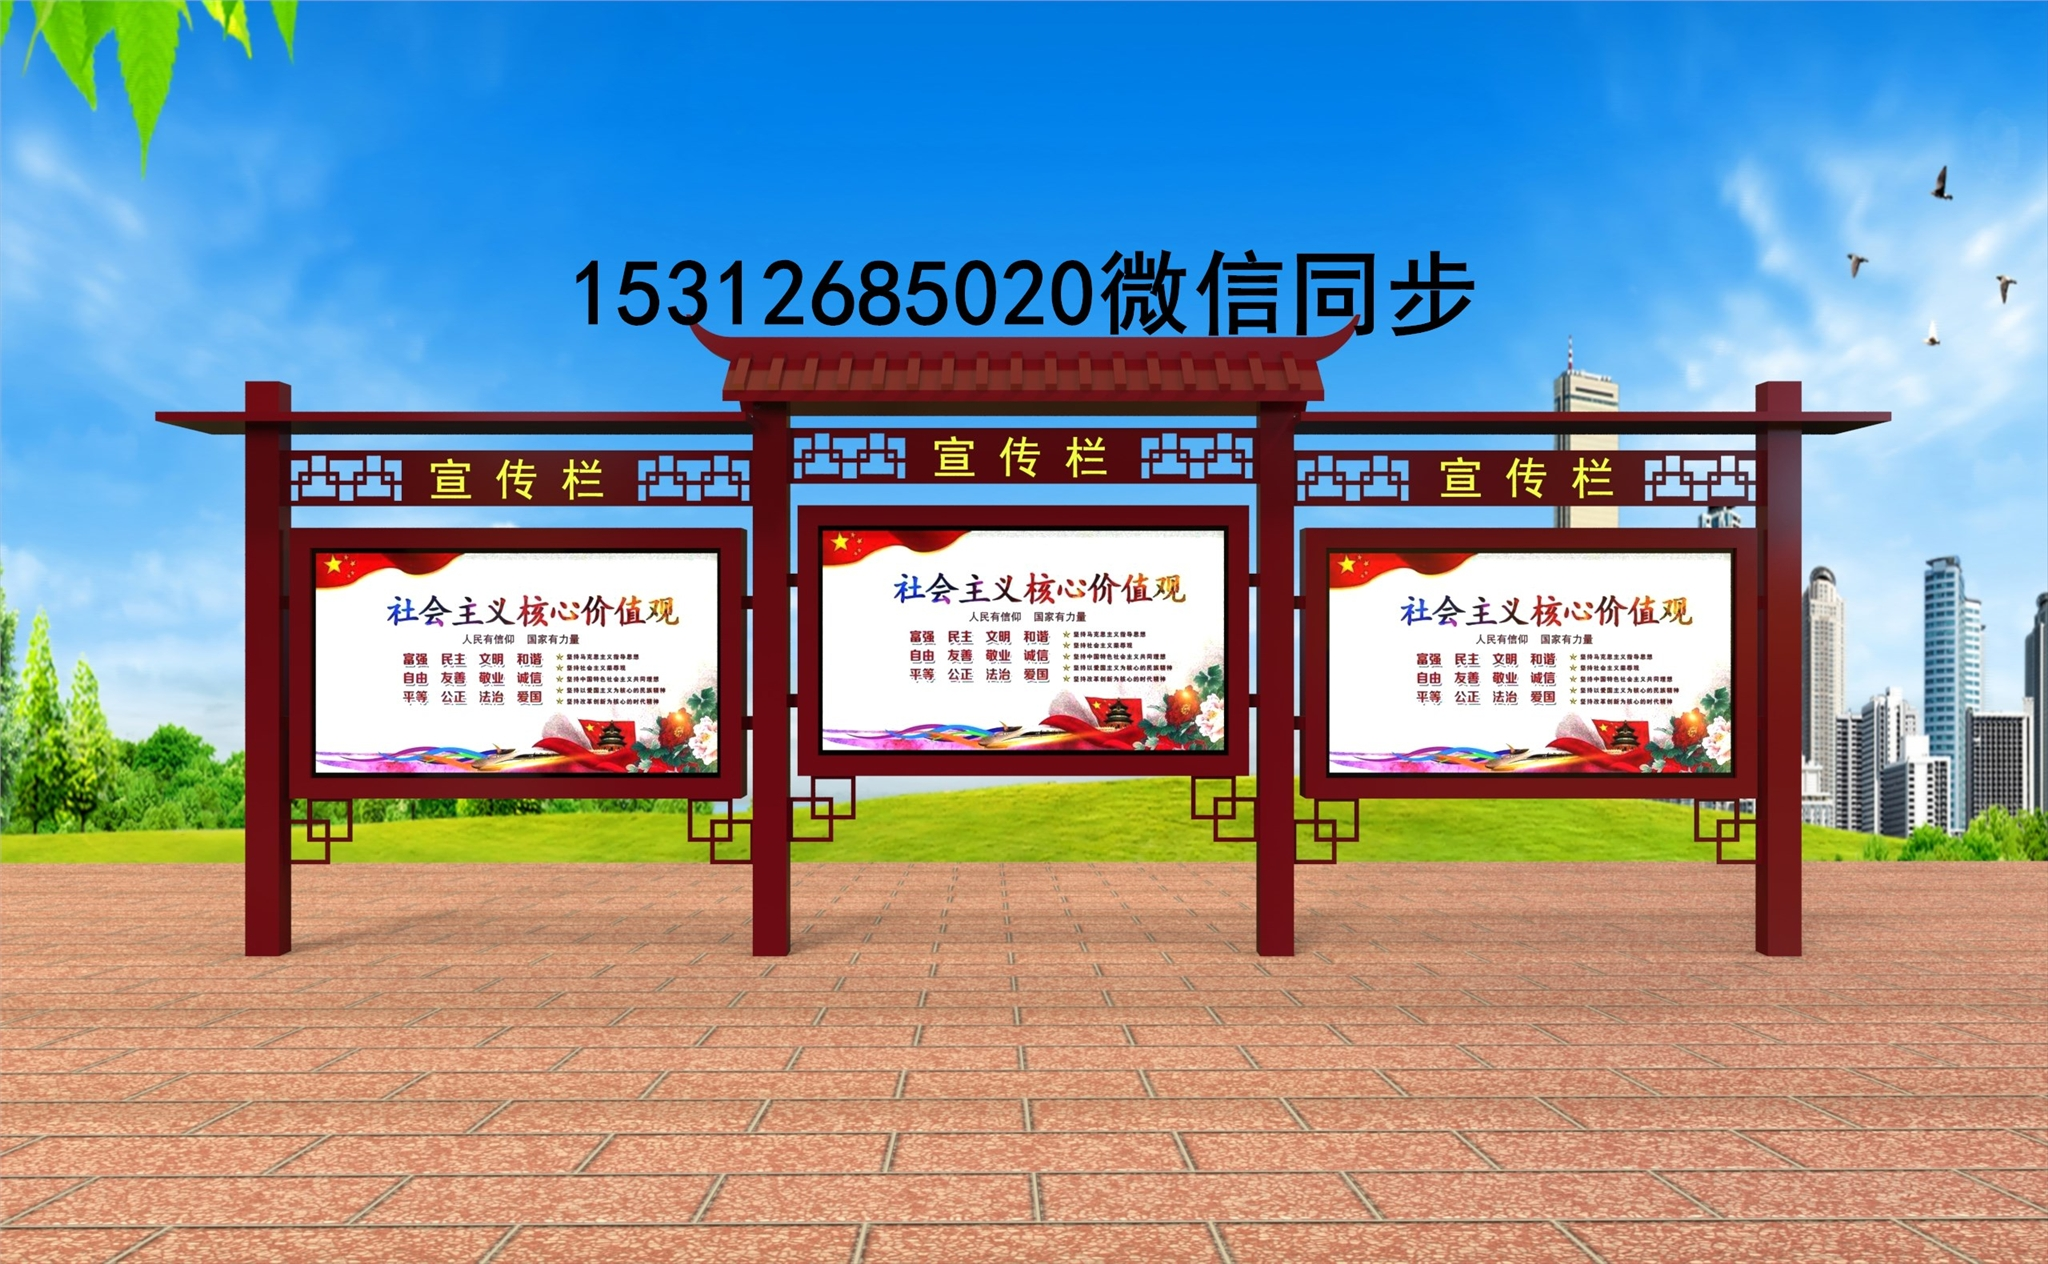 浙江宣傳欄廠家  溫州專業宣傳欄廠家  鍍鋅板定制廠家 咨詢報價